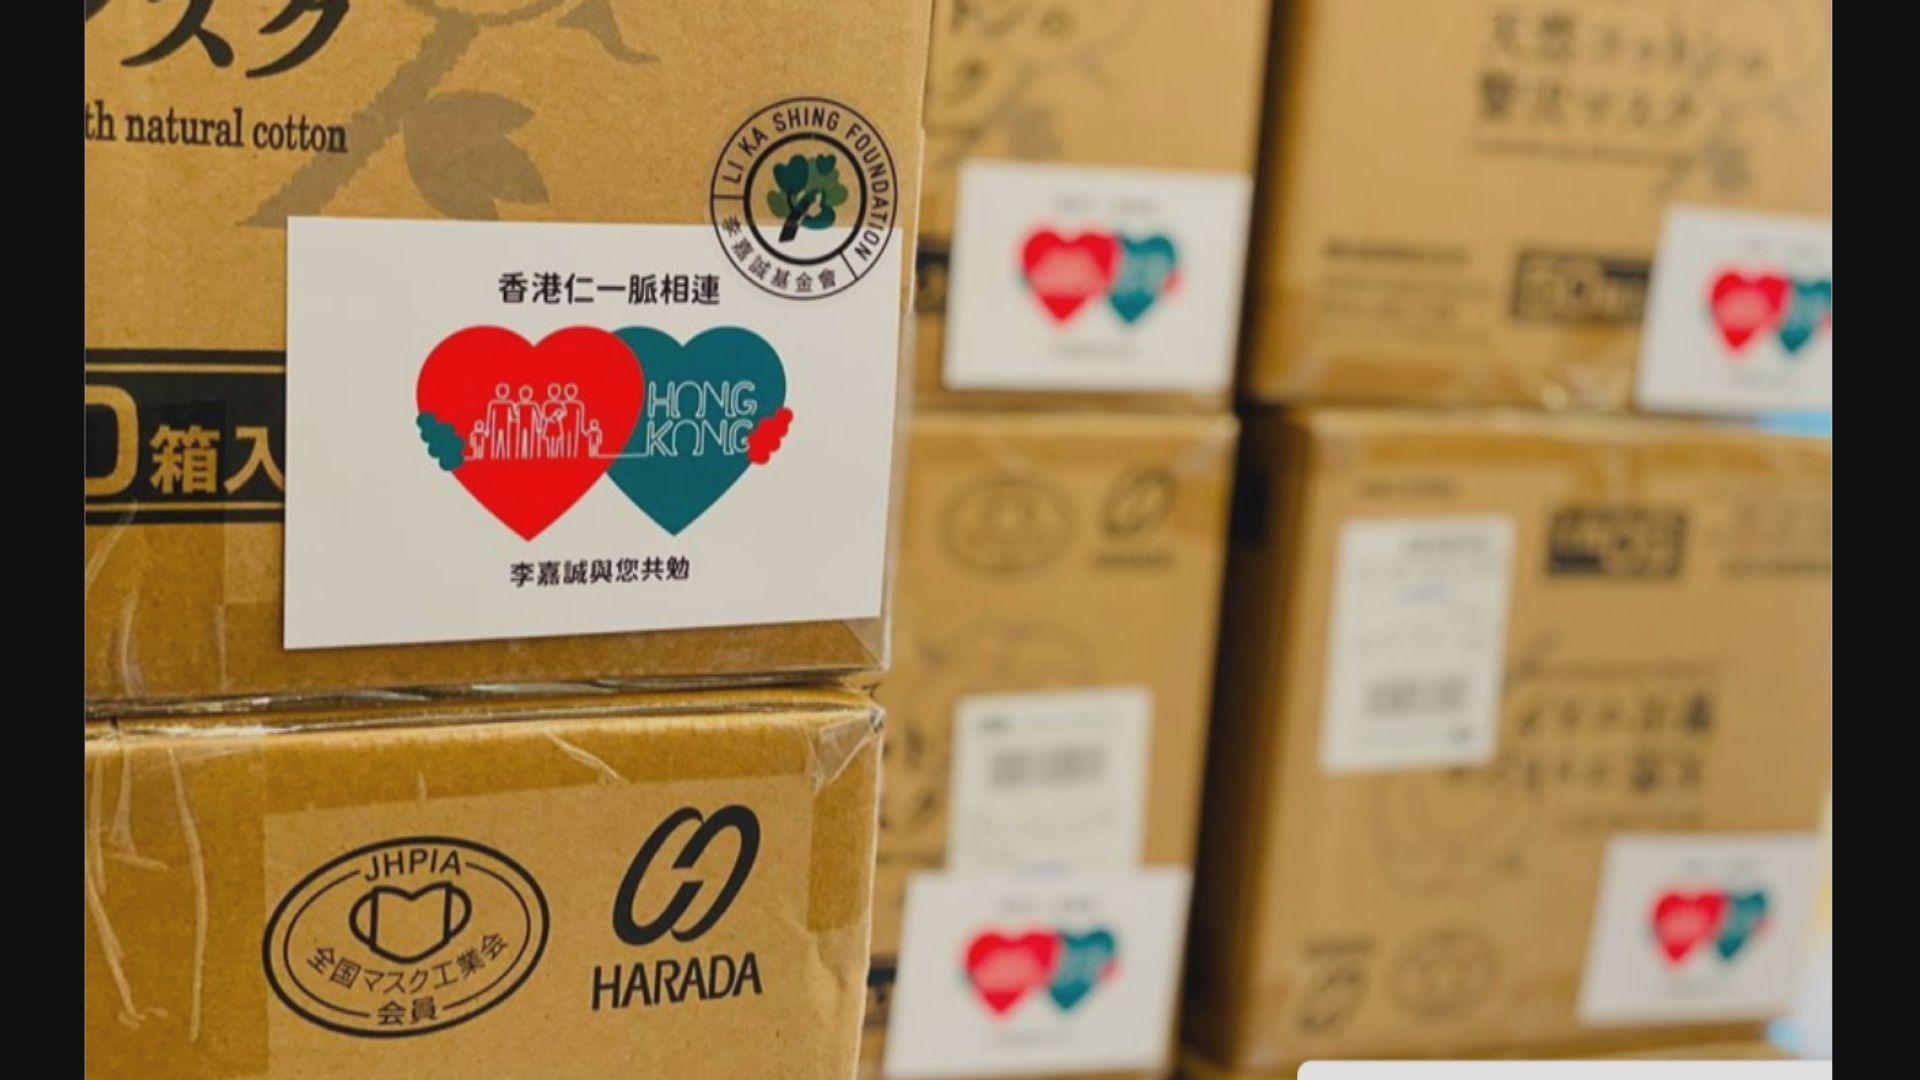 李嘉誠基金會向社福機構派發25萬個口罩